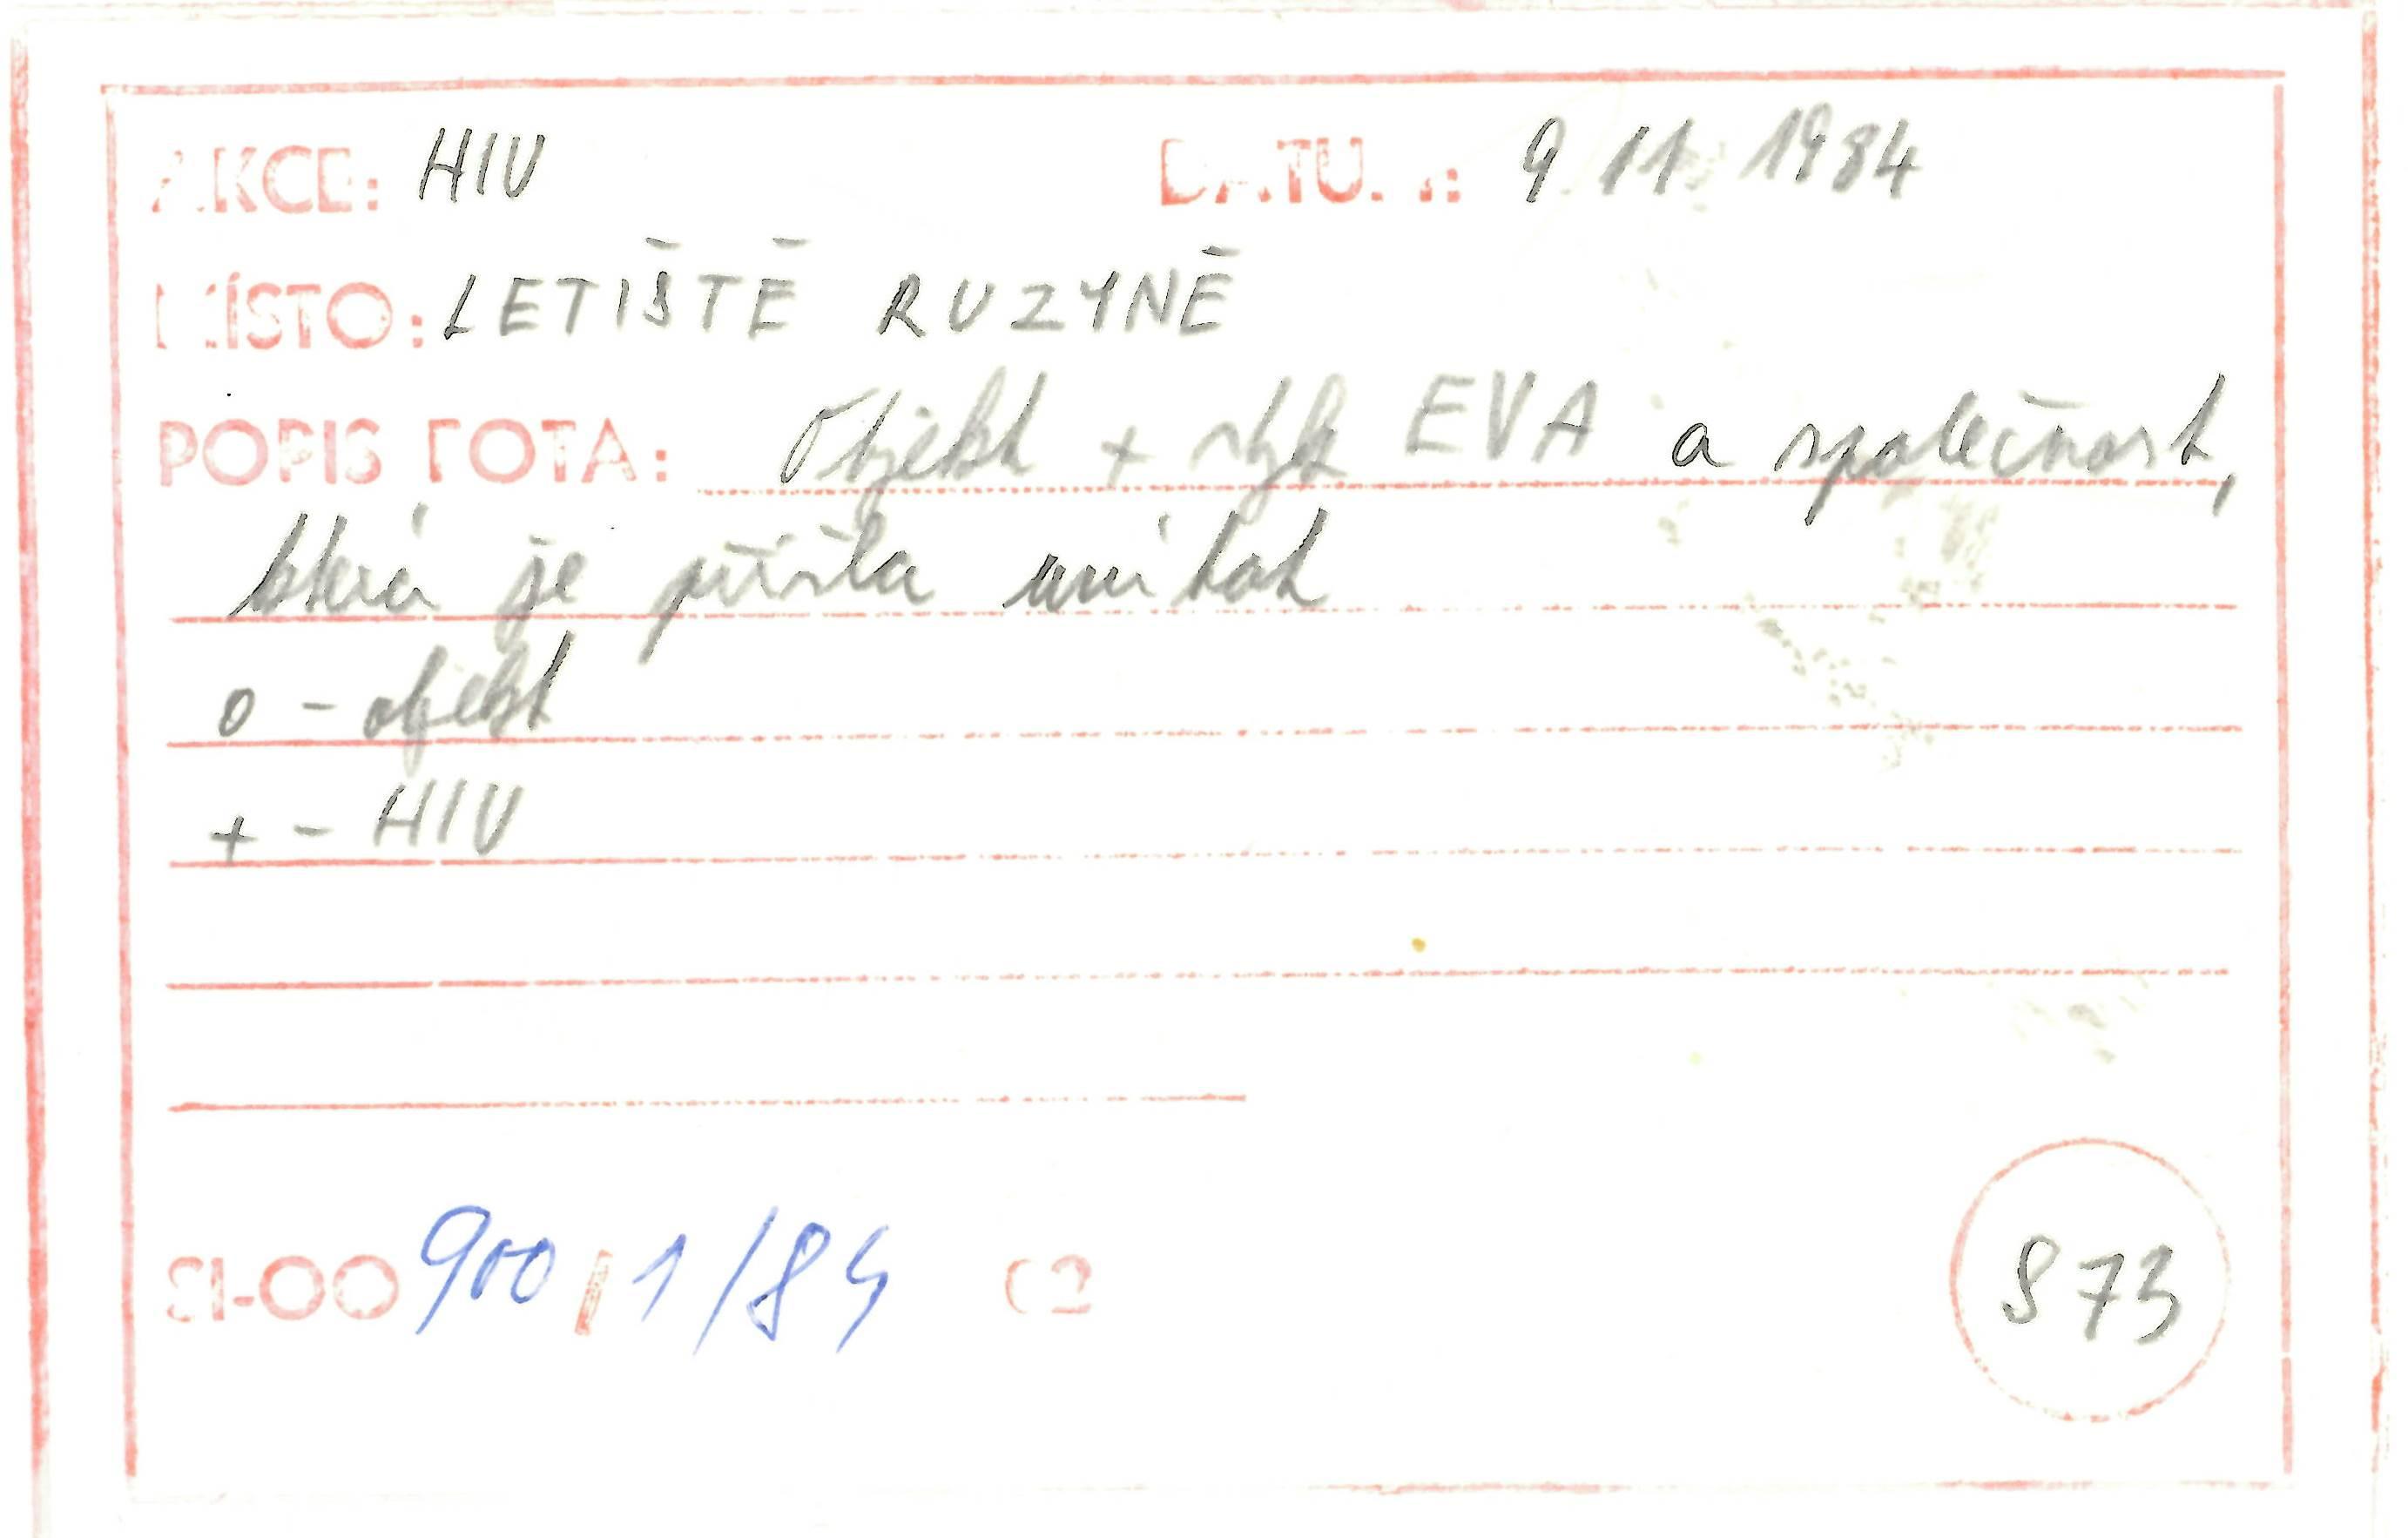 Revers fotografie ze sledování pořízené na letišti Ruzyně v Praze / Surveillance photograph taken at Prague Ruzyne airport, reverse side